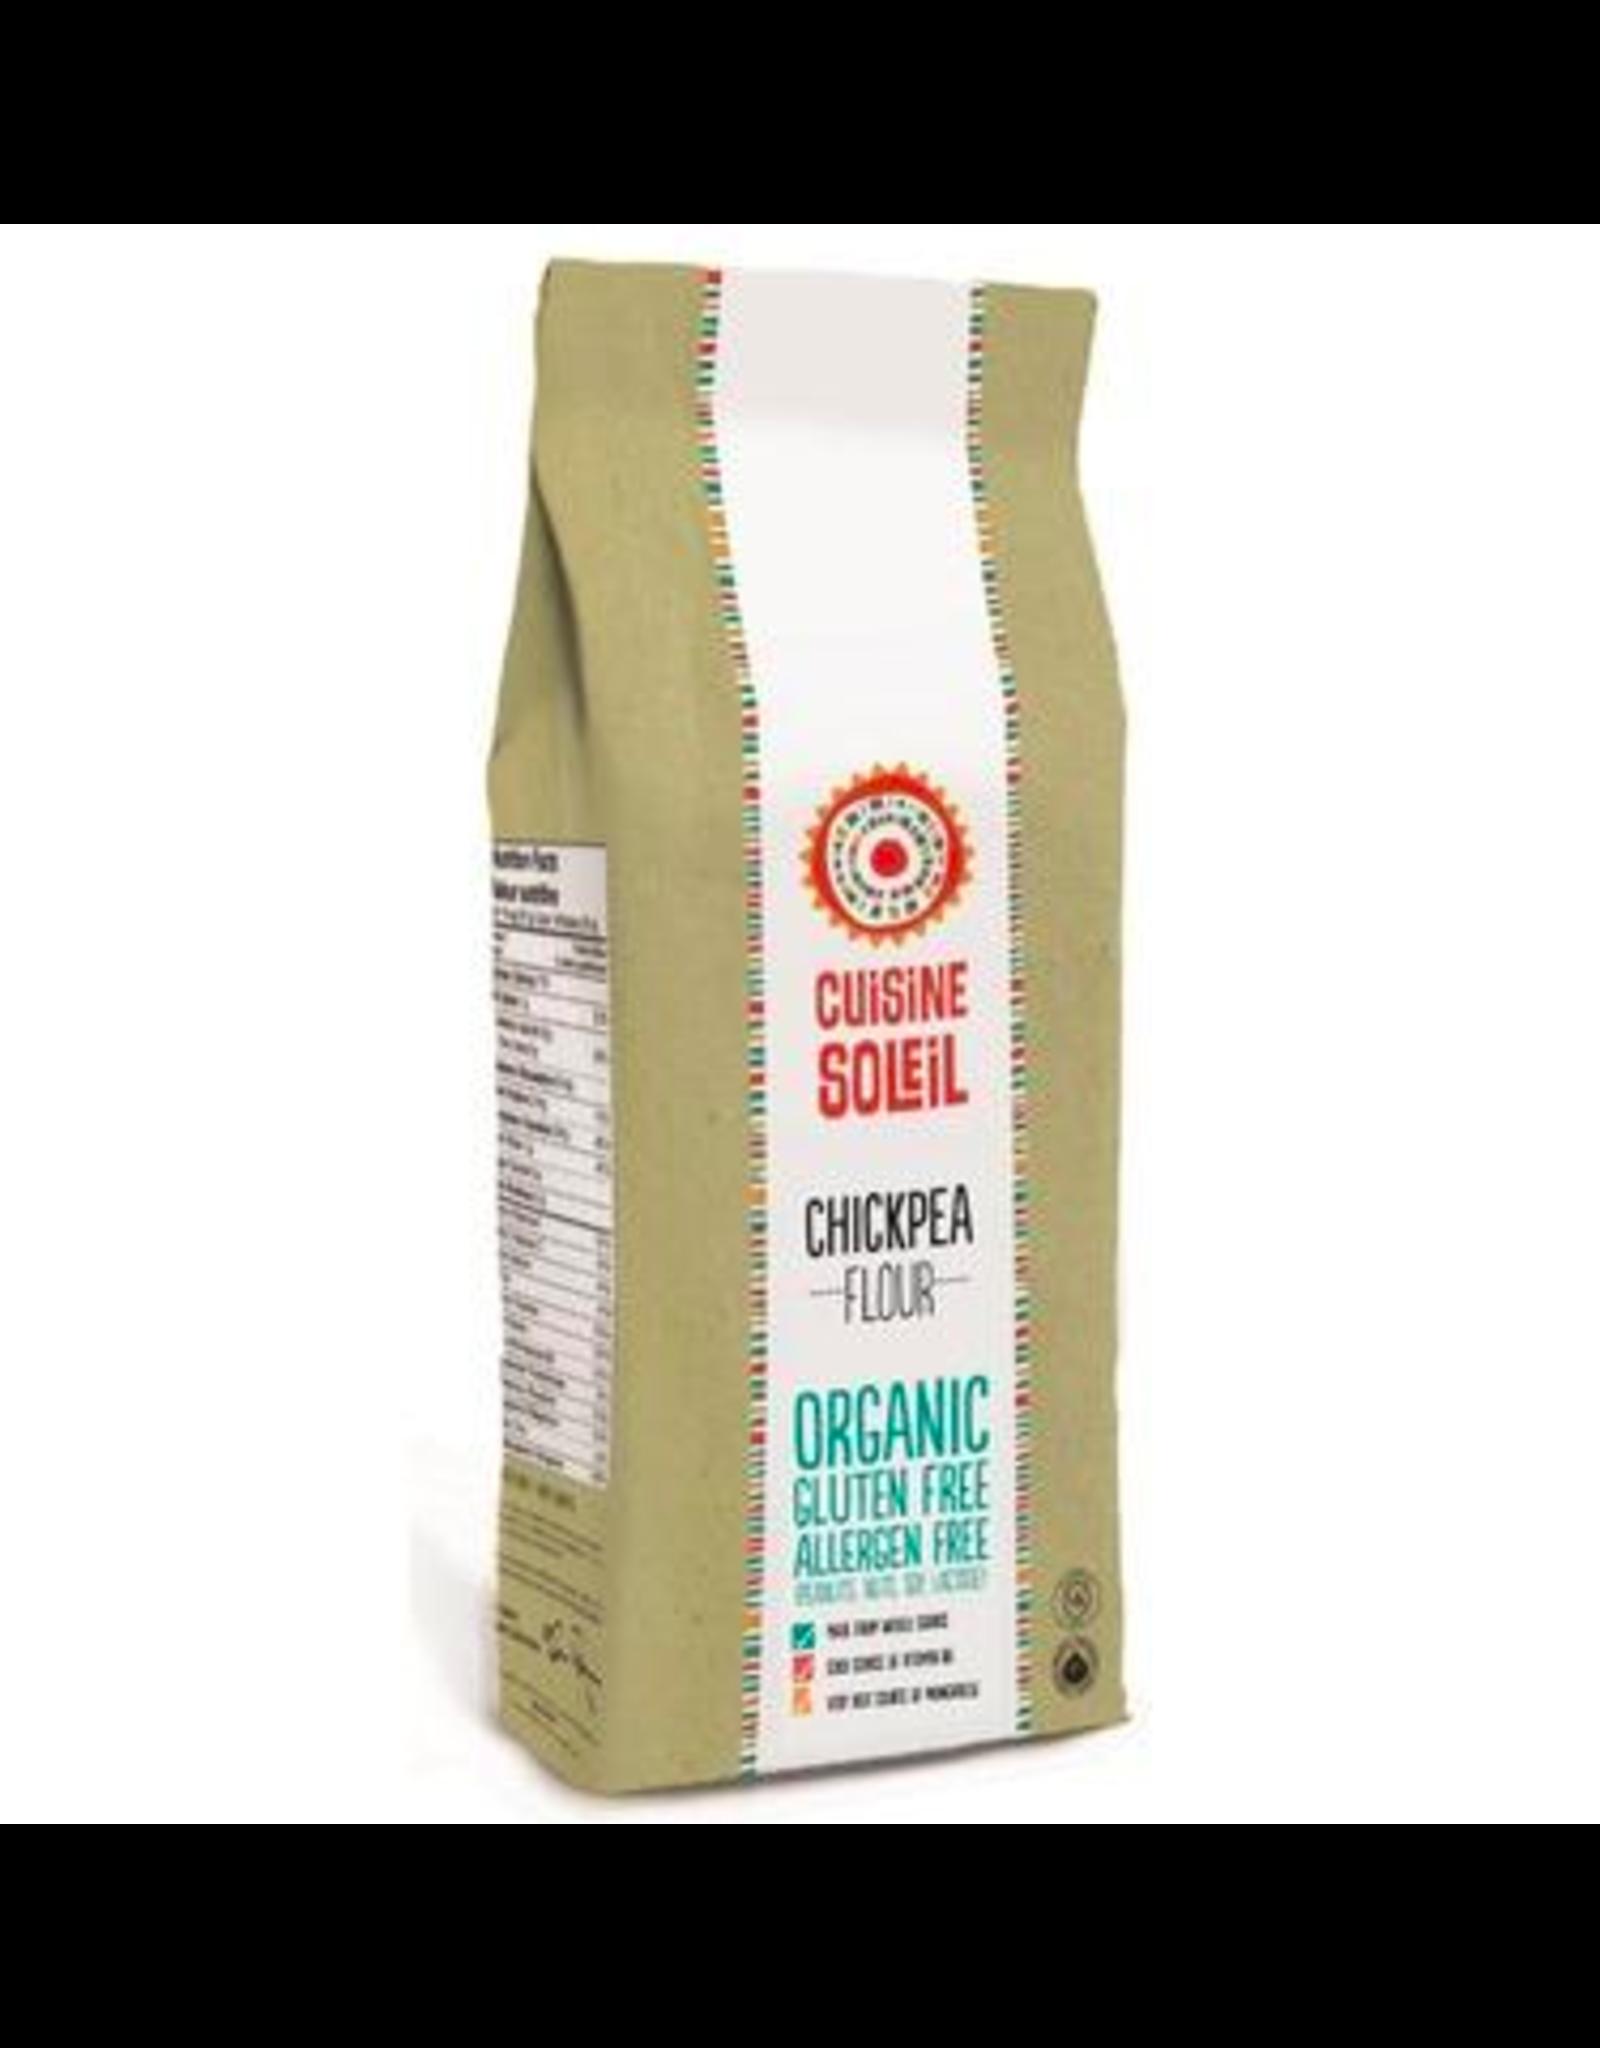 Cuisine Soleil Organic Chickpea Flour